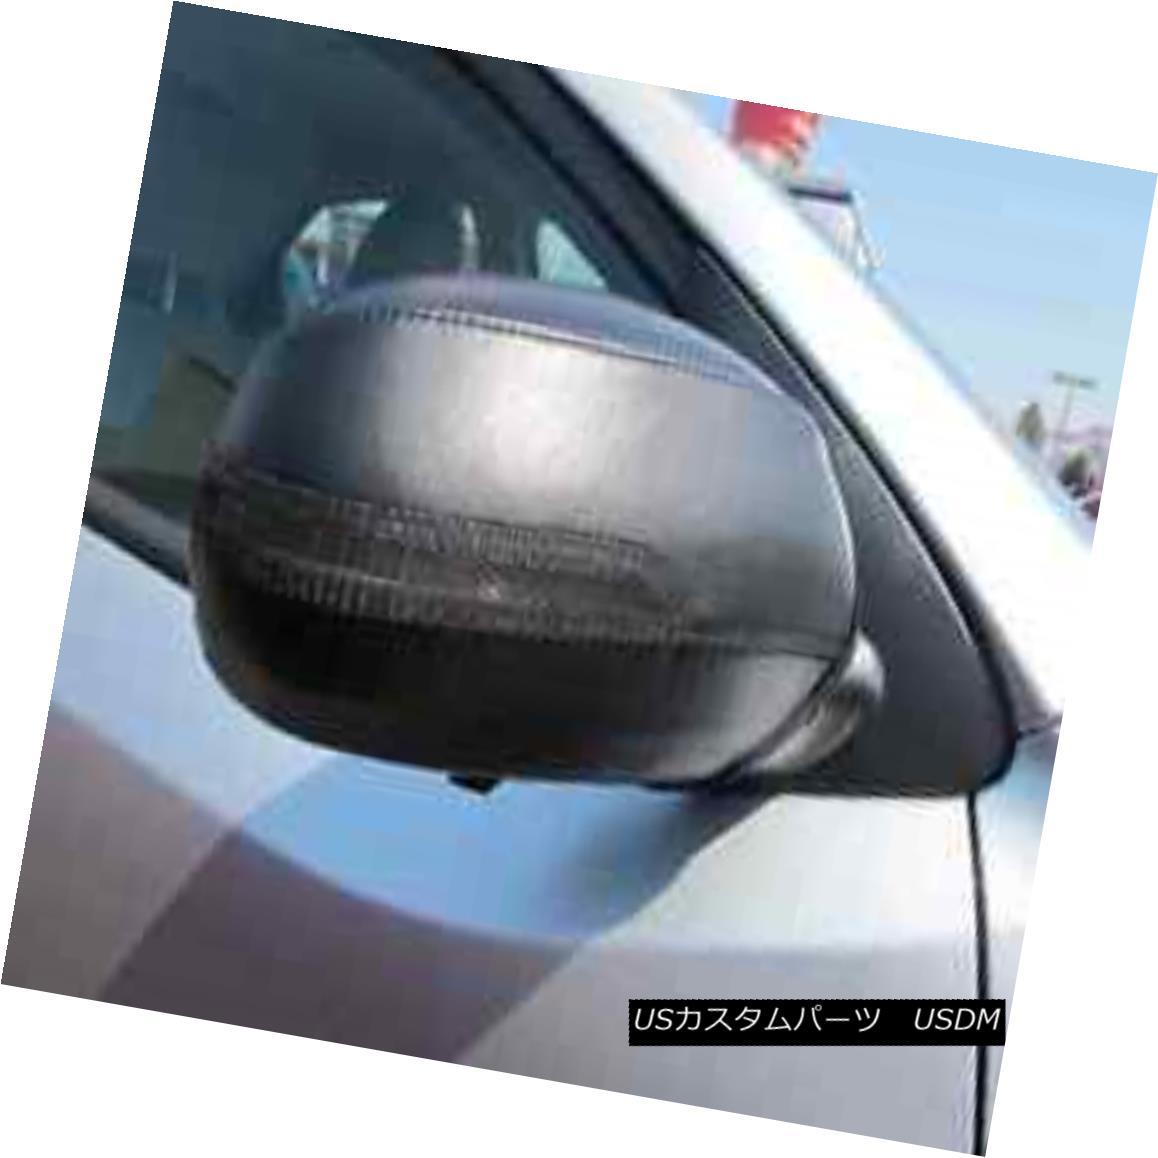 フルブラ ノーズブラ Colgan Car Mirror Covers Bra Protector Black Fits 2010-2013 KIA Forte (W/o Koup) コルガン車のミラーカバーは、ブラジャープロテクターブラックフィット2010-2013 KIA Forte(W / o Koup)